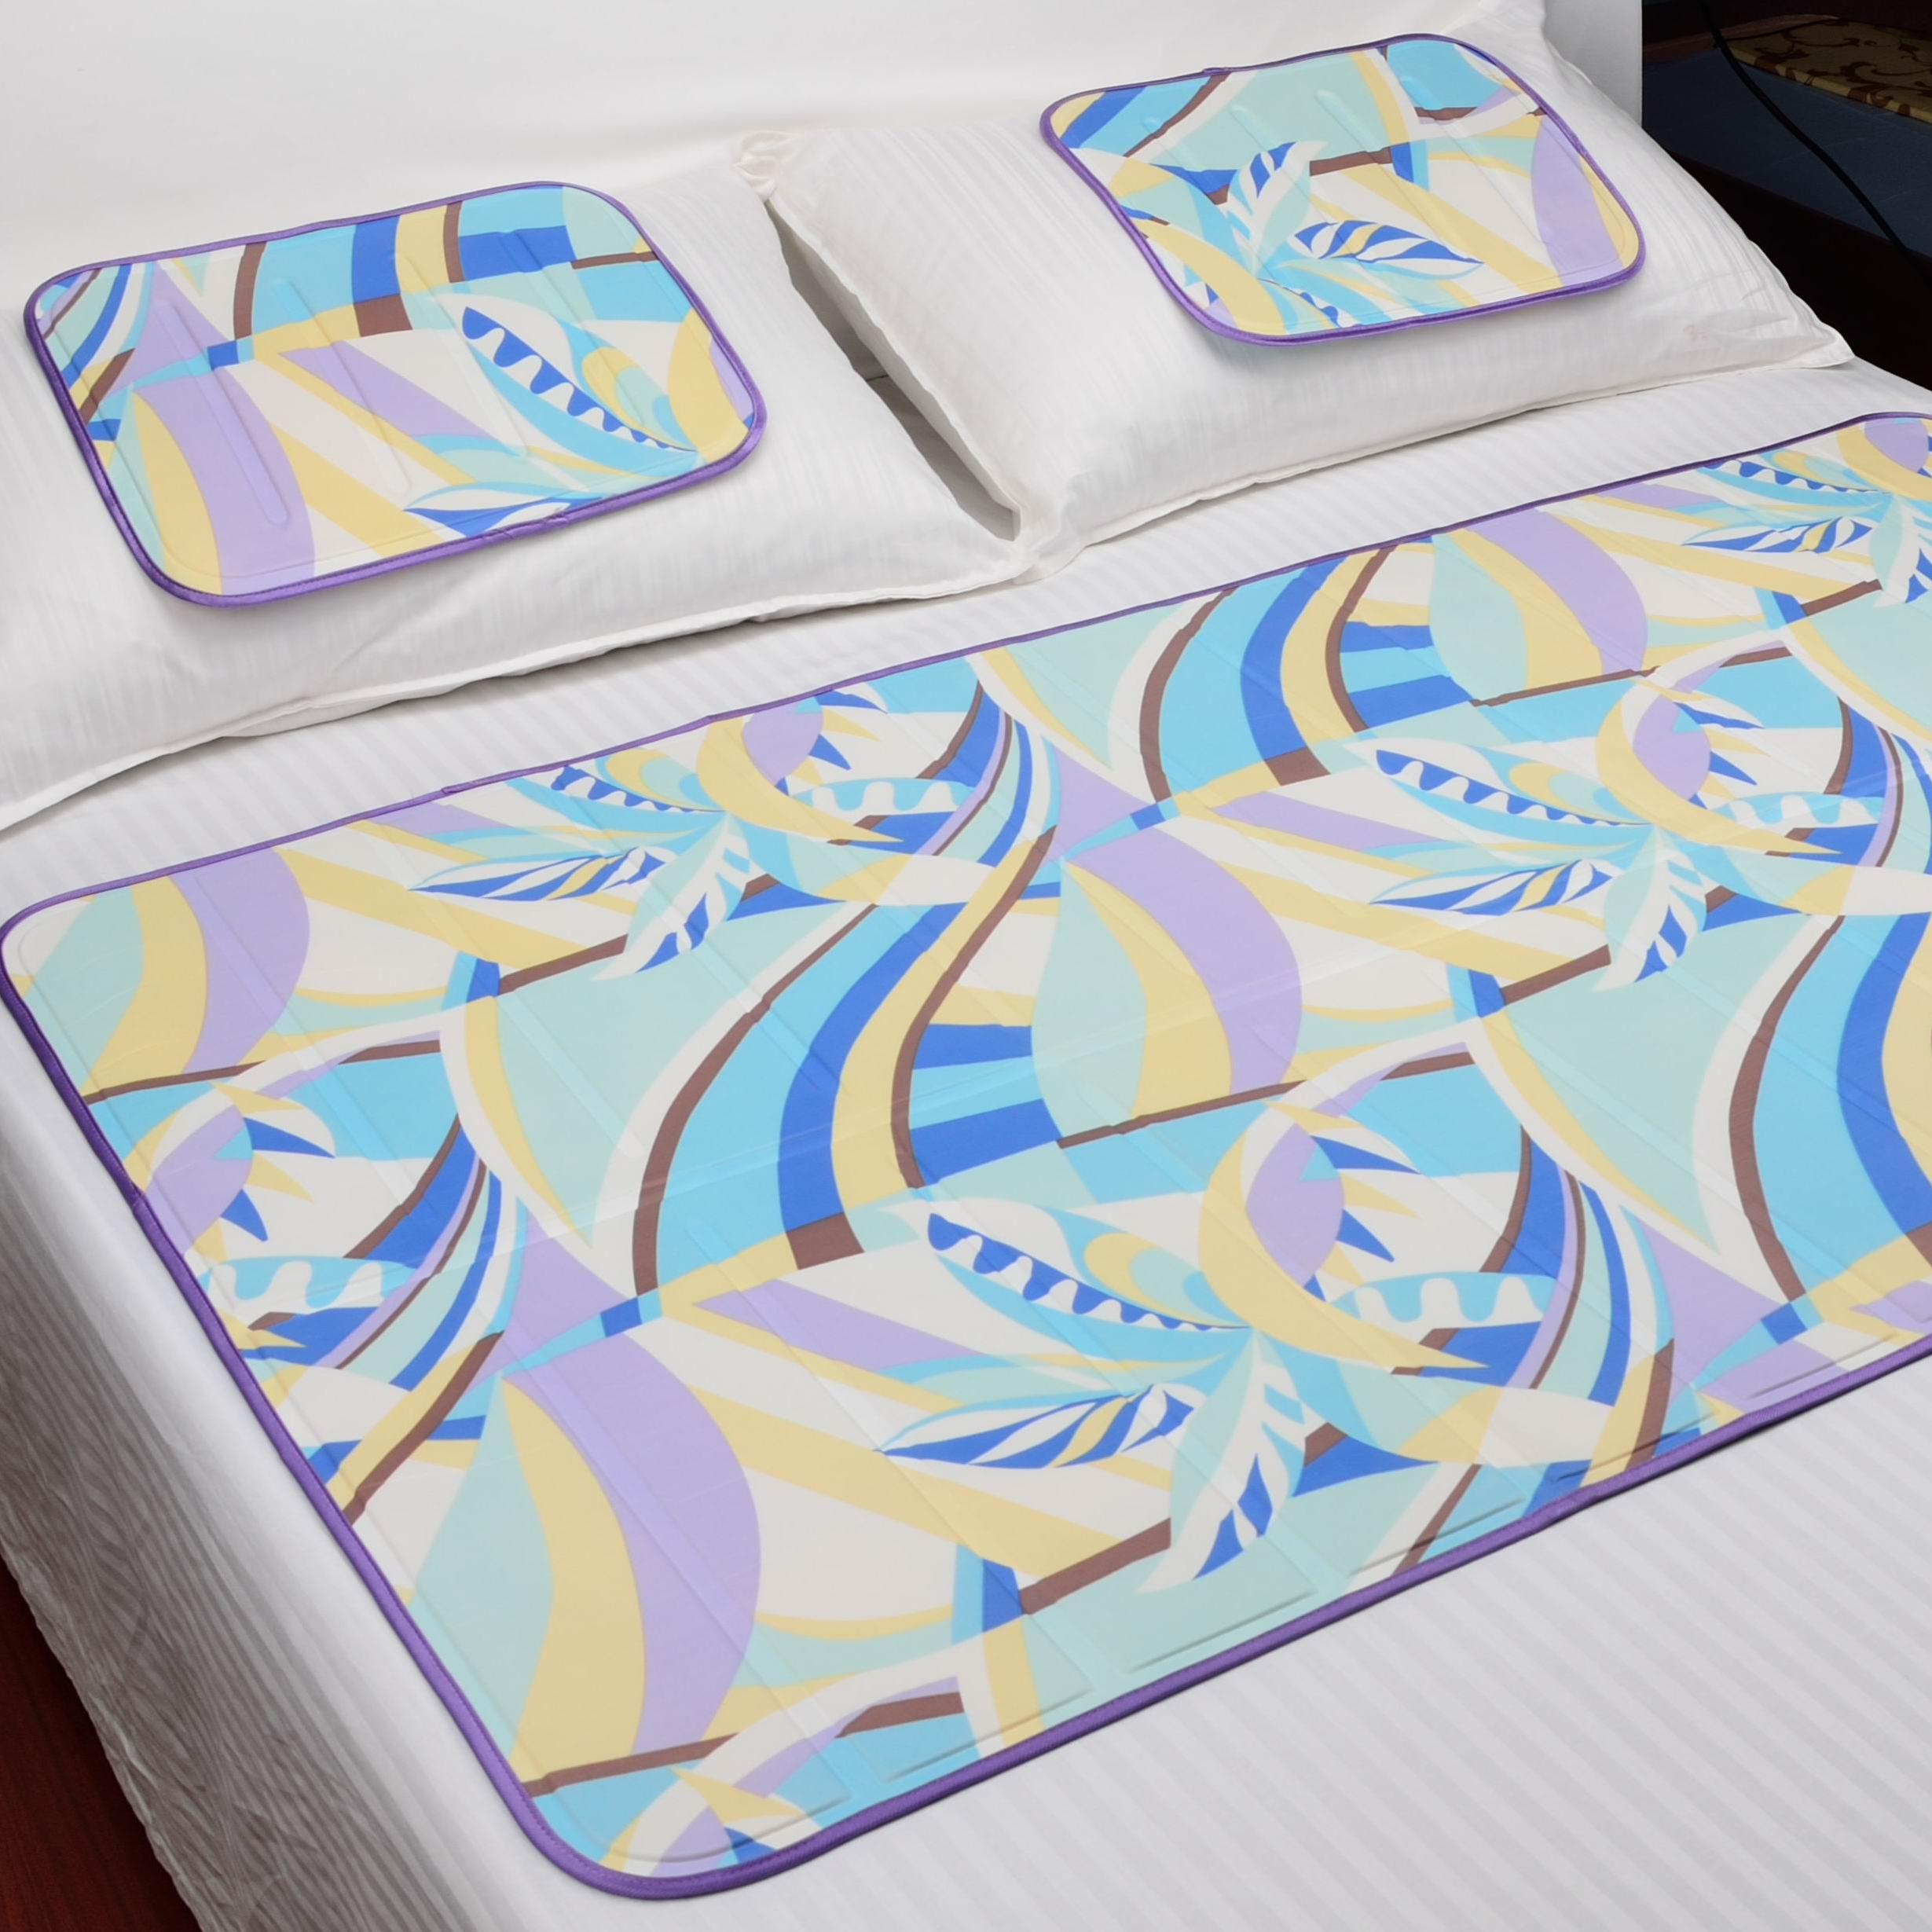 summer cooling gel mattress - Jozy Mattress | Jozy.net